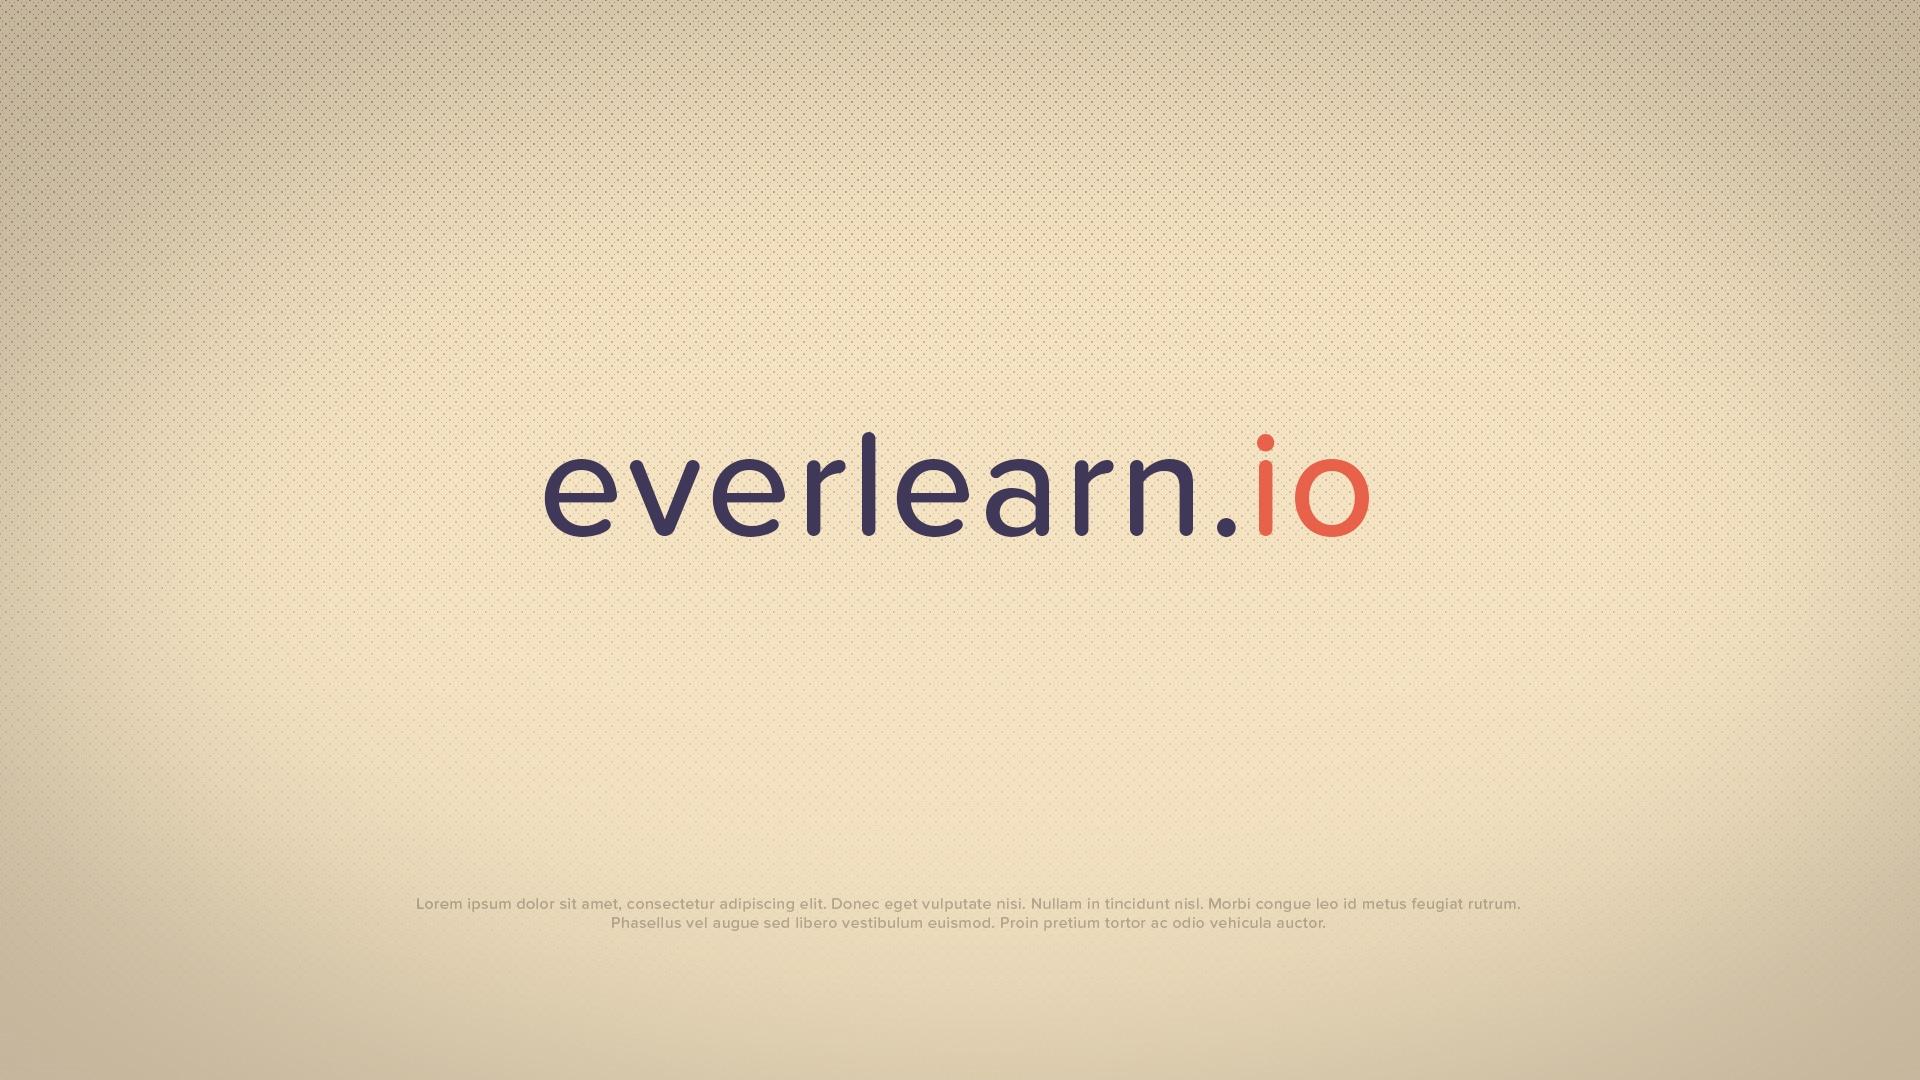 Ecran de fin de l'animation publicitaire Everlearn.io